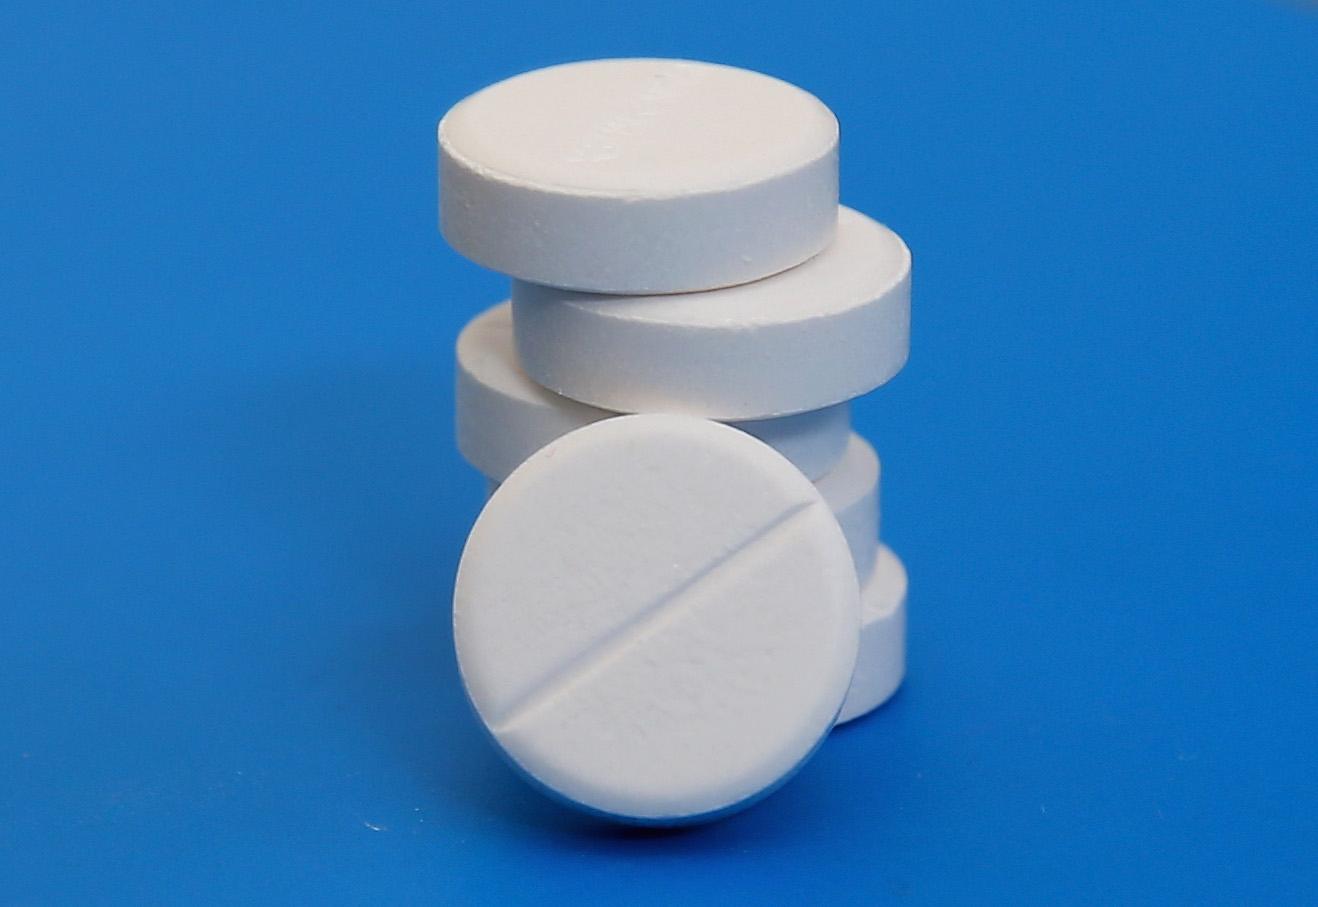 Revelan riesgo cardiaco en Ibuprofeno y diclofenaco